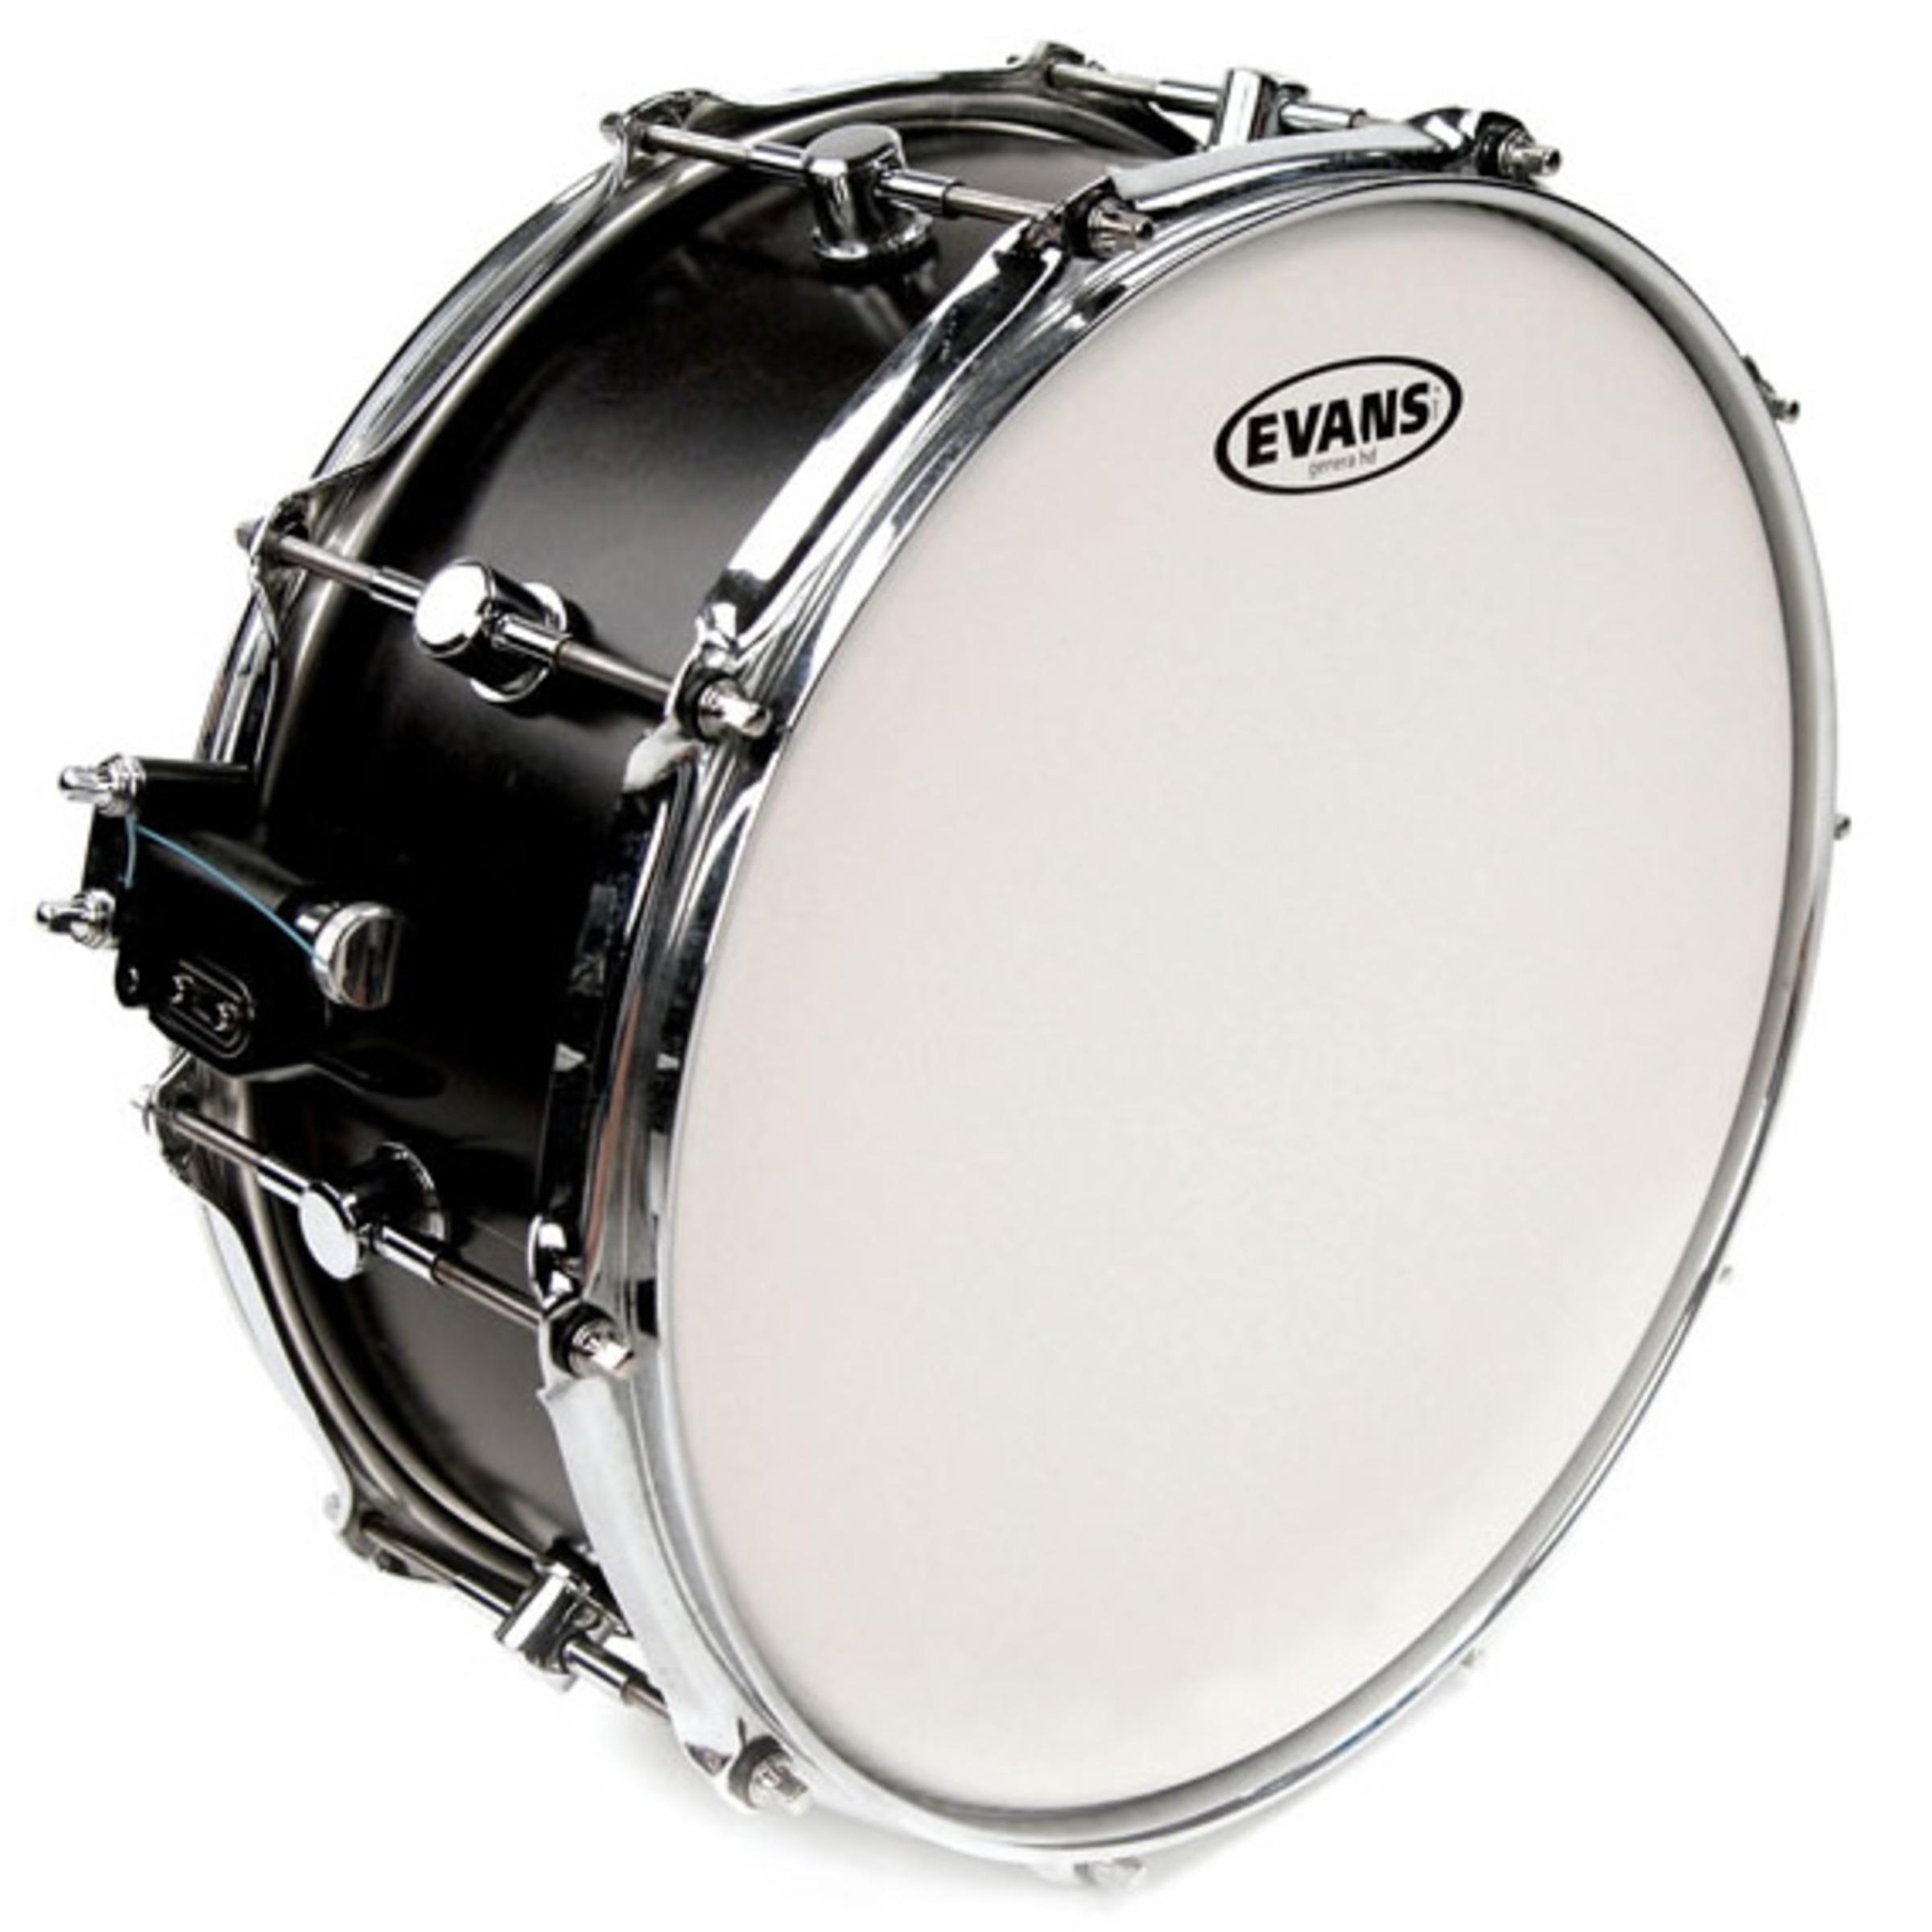 drums evans genera snare batter drum head giggear. Black Bedroom Furniture Sets. Home Design Ideas